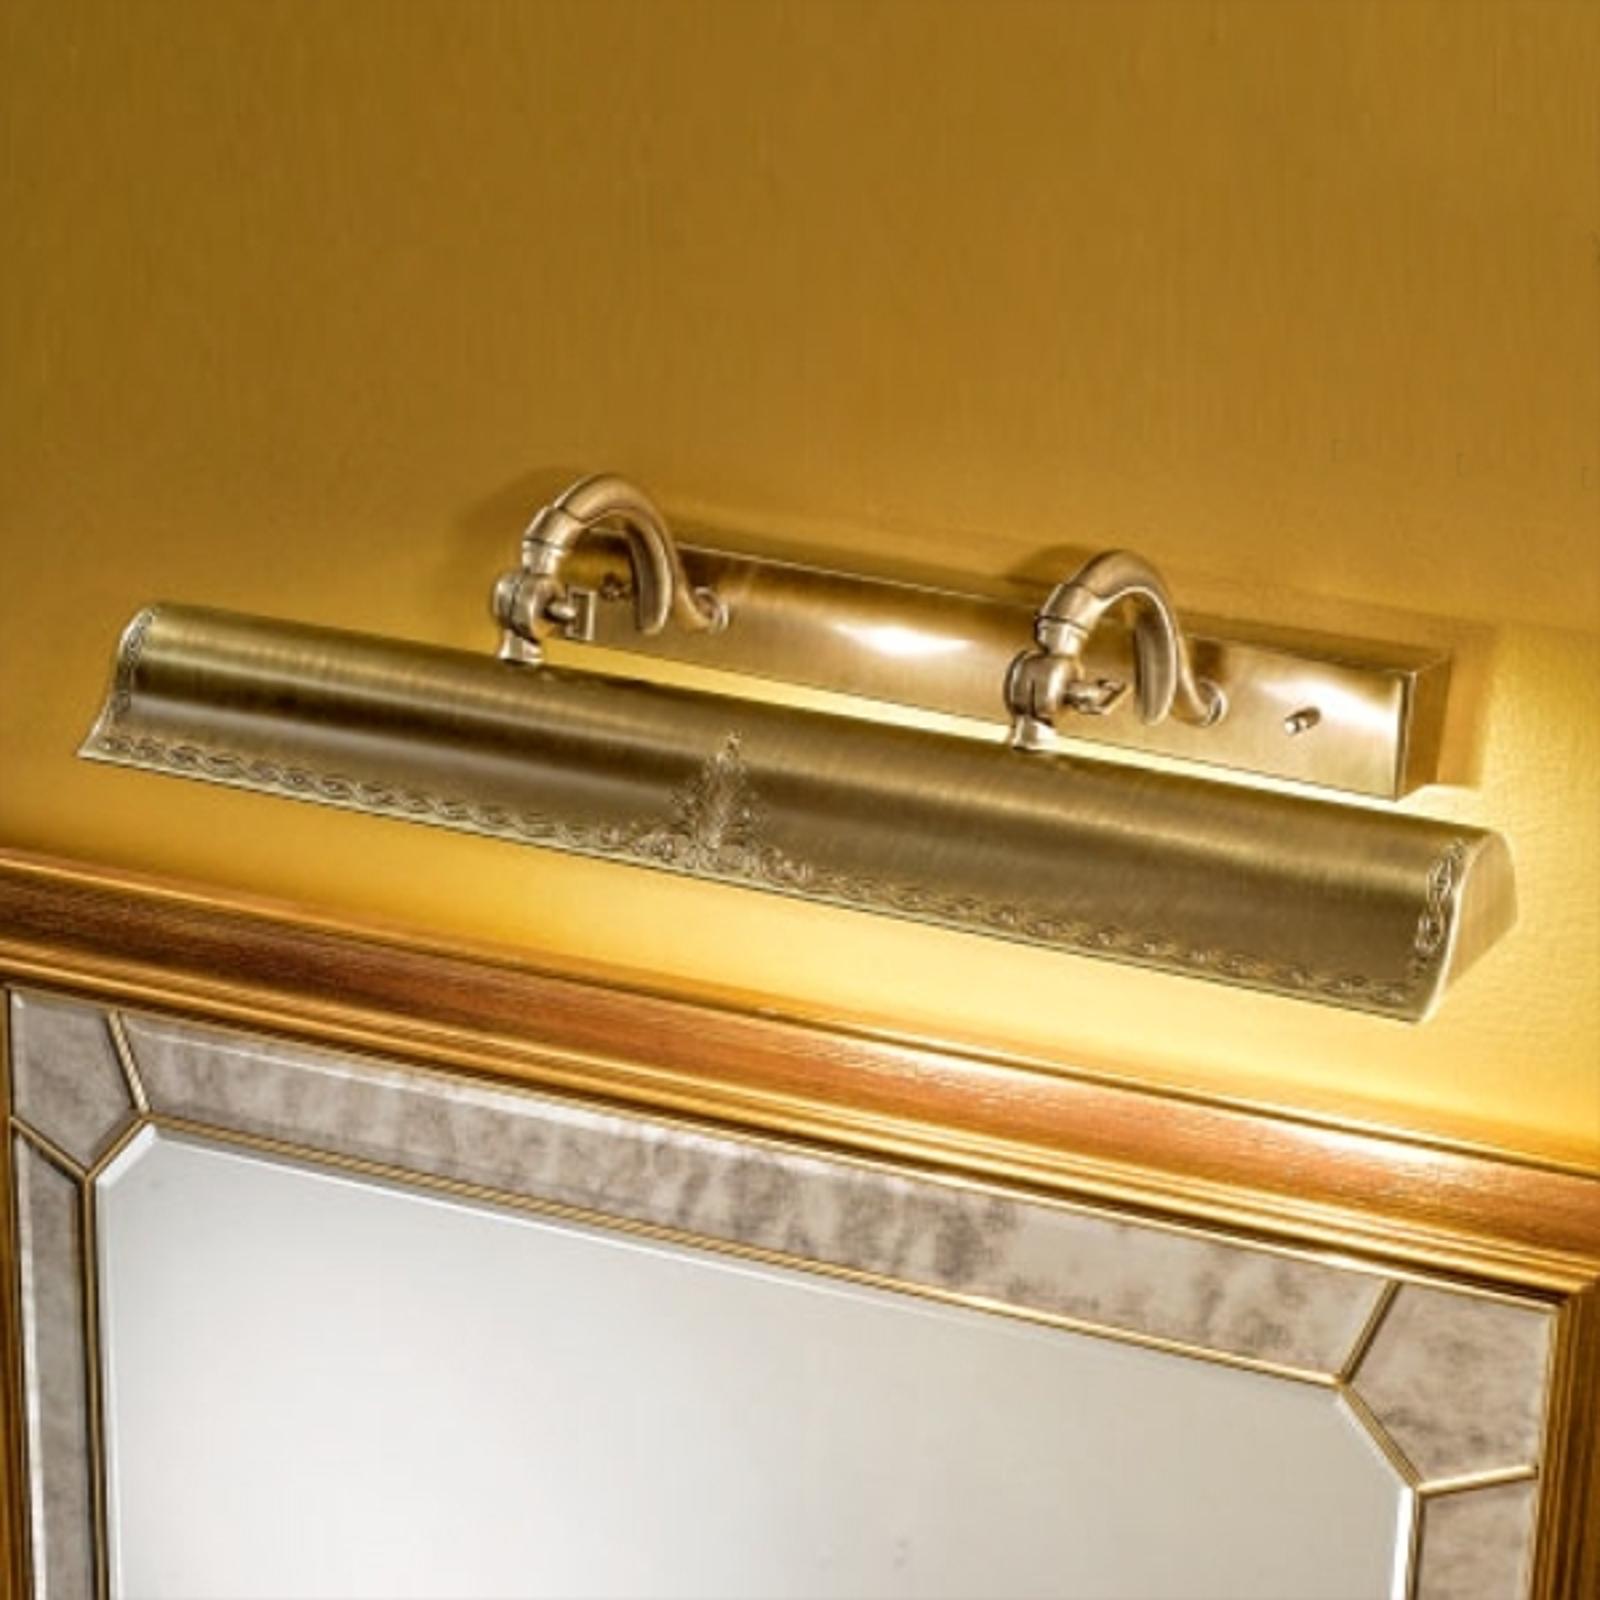 Obrazové svetlo Galleria zlatej farby_2008113_1